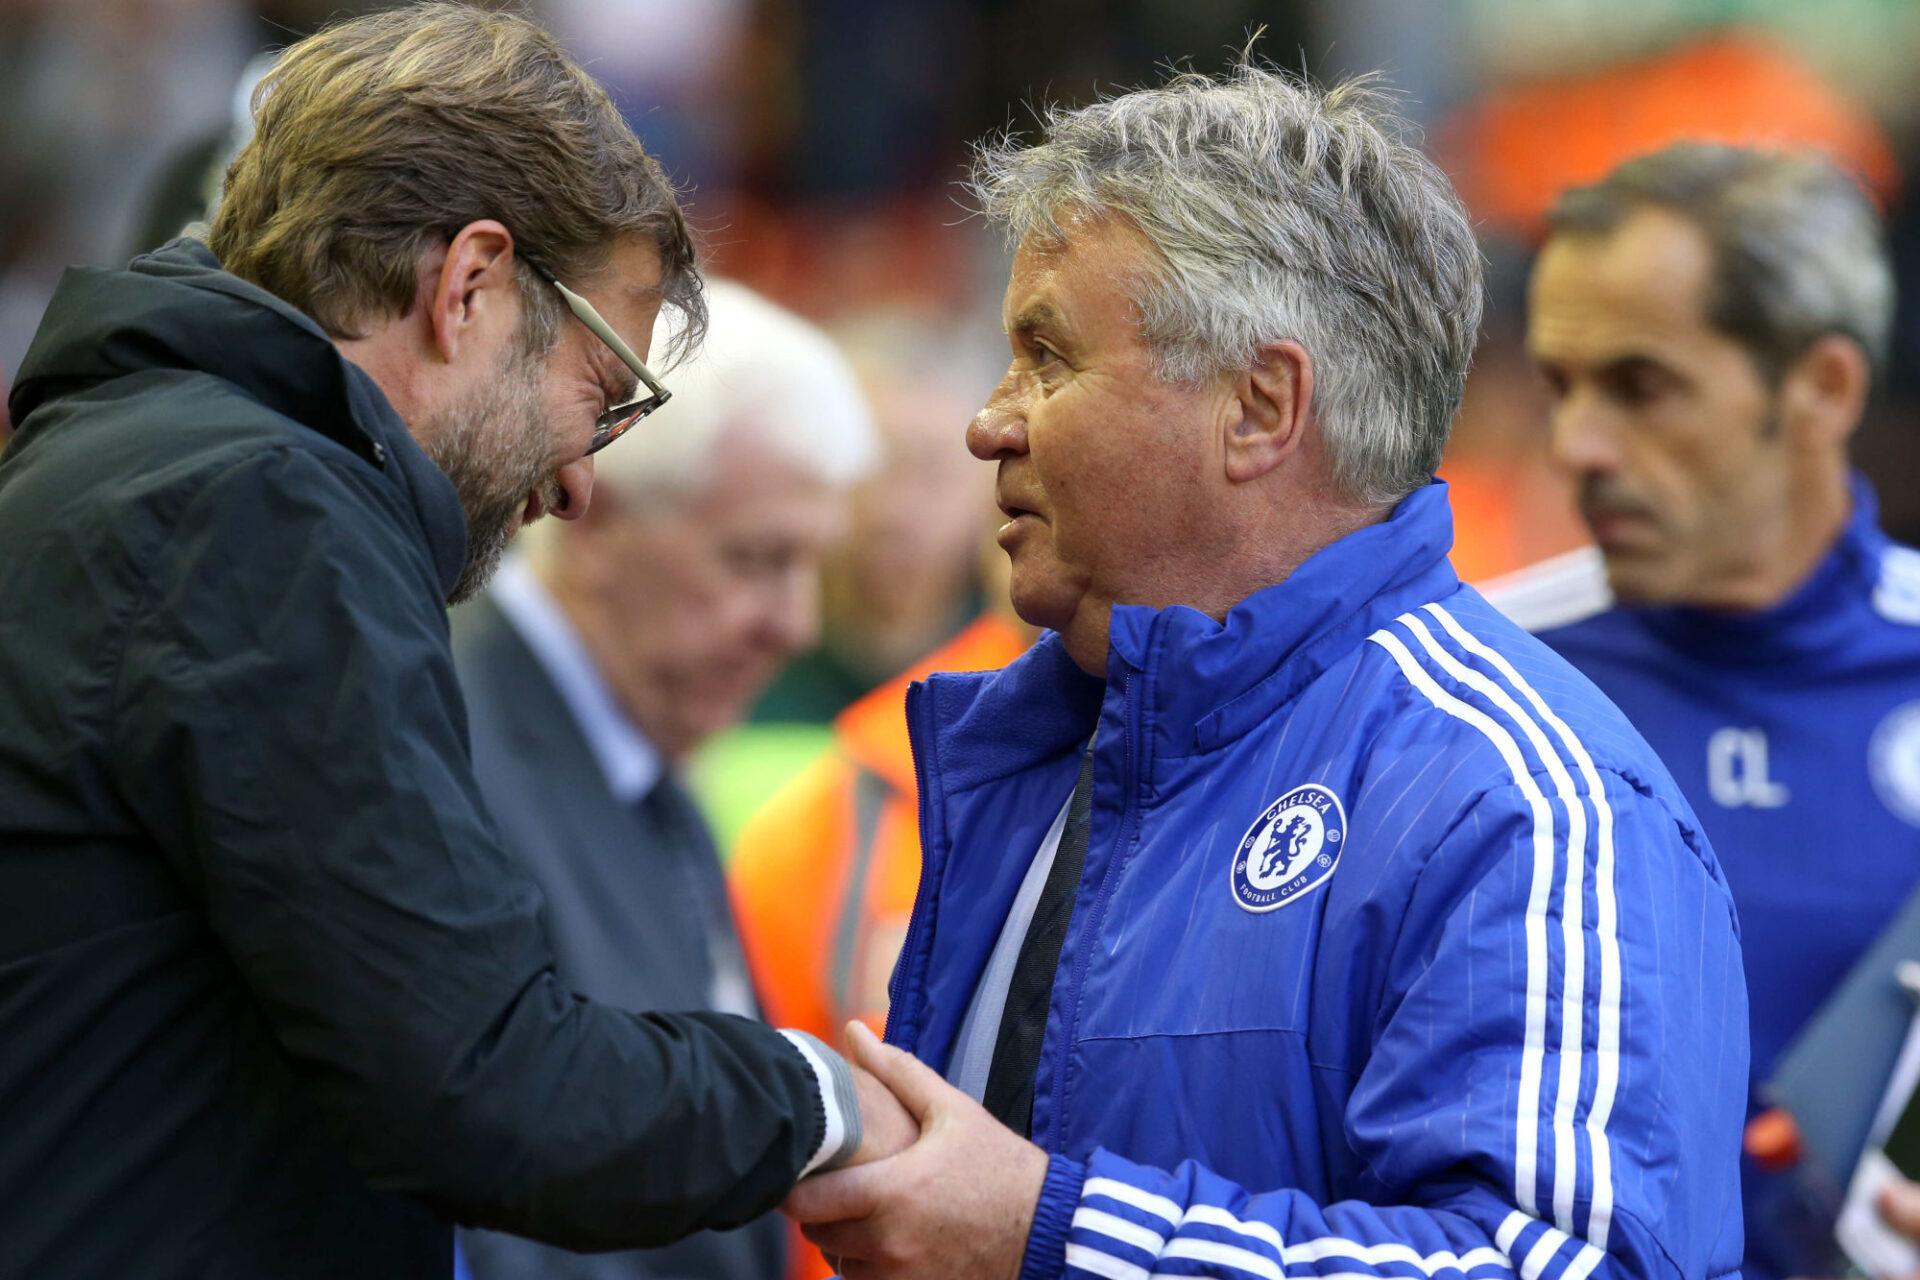 Guus Hiddink en 2016 avec Chelsea avant le match de Premier League contre le Liverpool de Jürgen Klopp. @iconsport